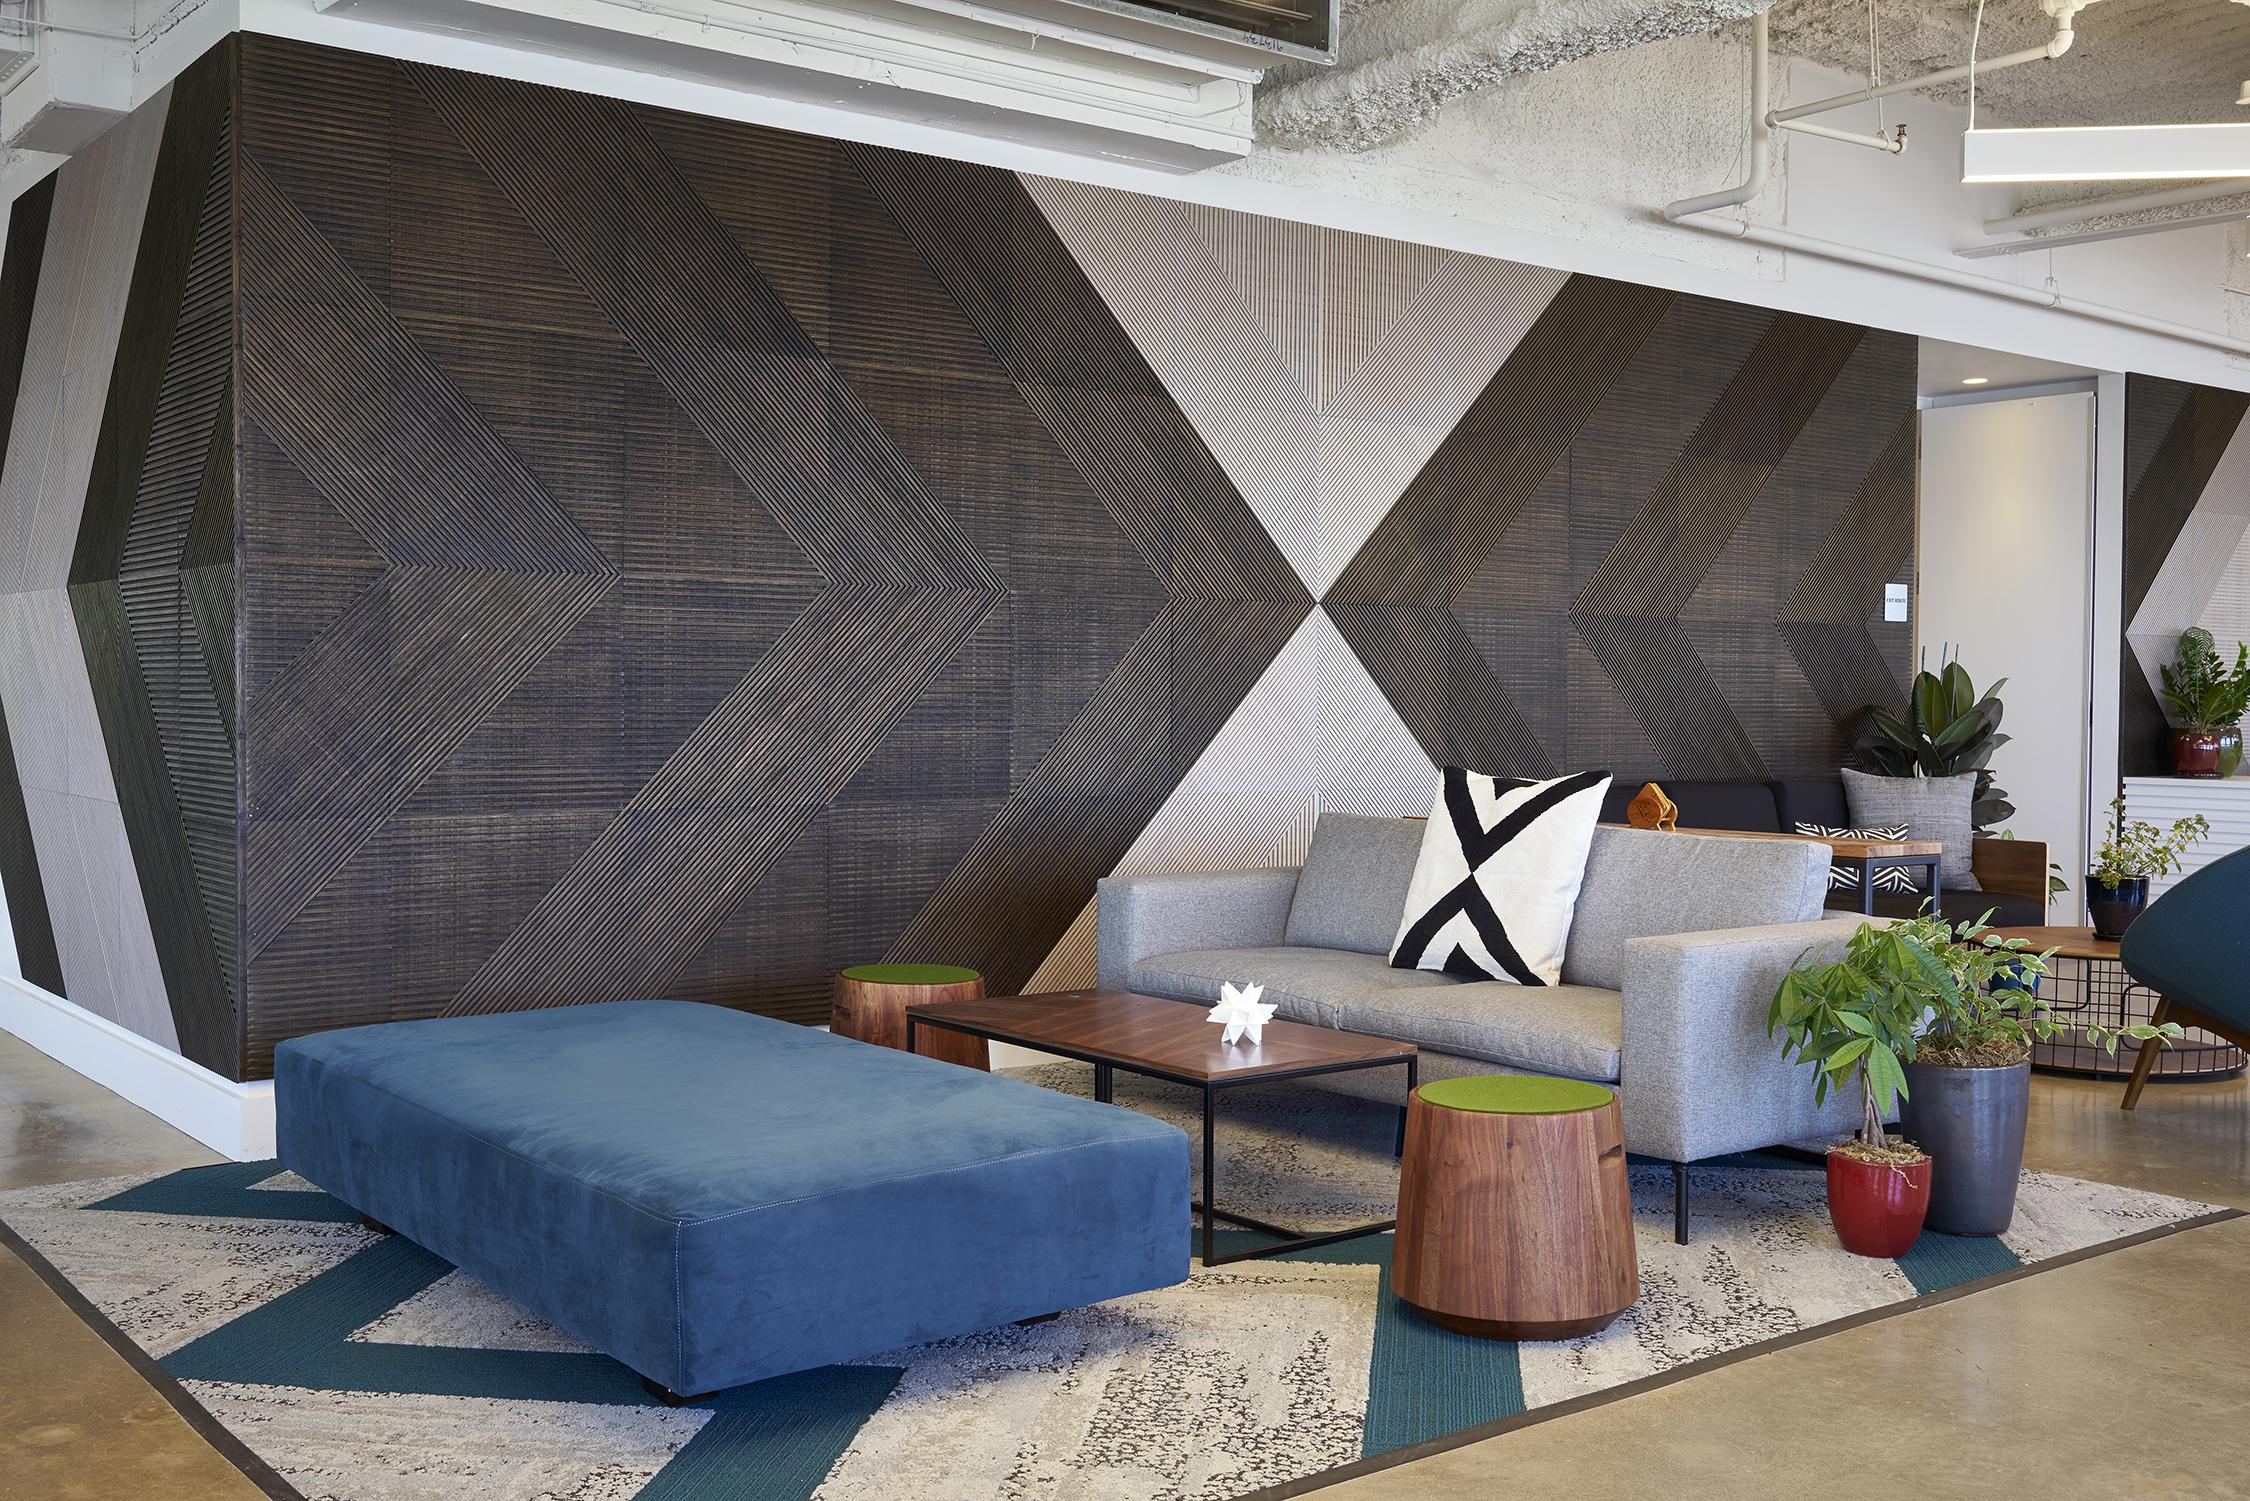 Lobby_Furniture_vignette1_website.jpg